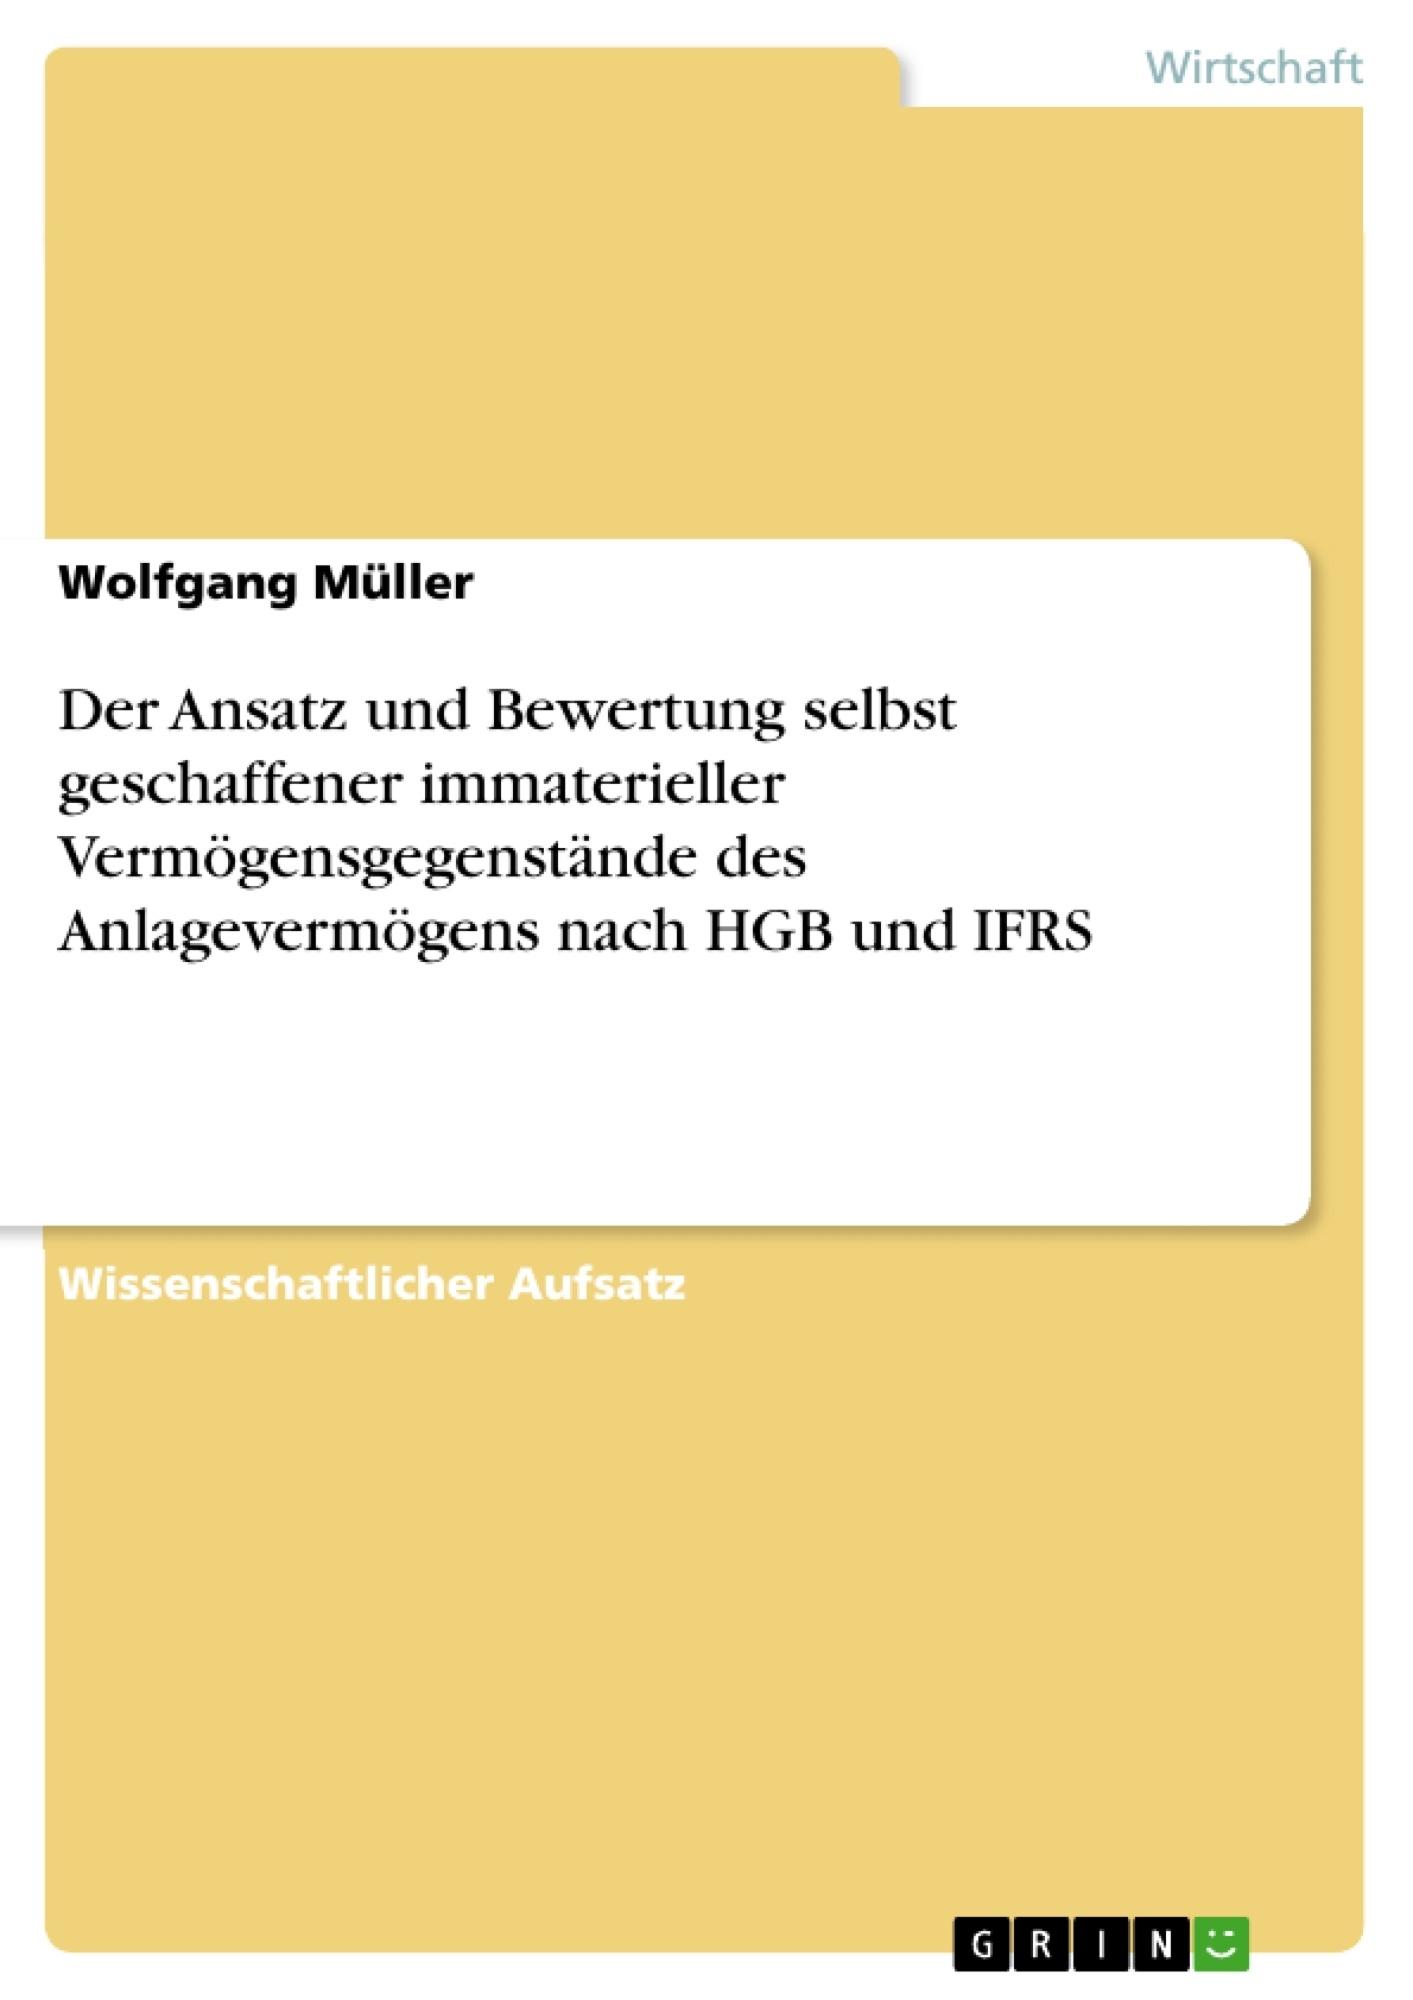 Titel: Der Ansatz und Bewertung selbst geschaffener immaterieller Vermögensgegenstände des Anlagevermögens nach HGB und IFRS